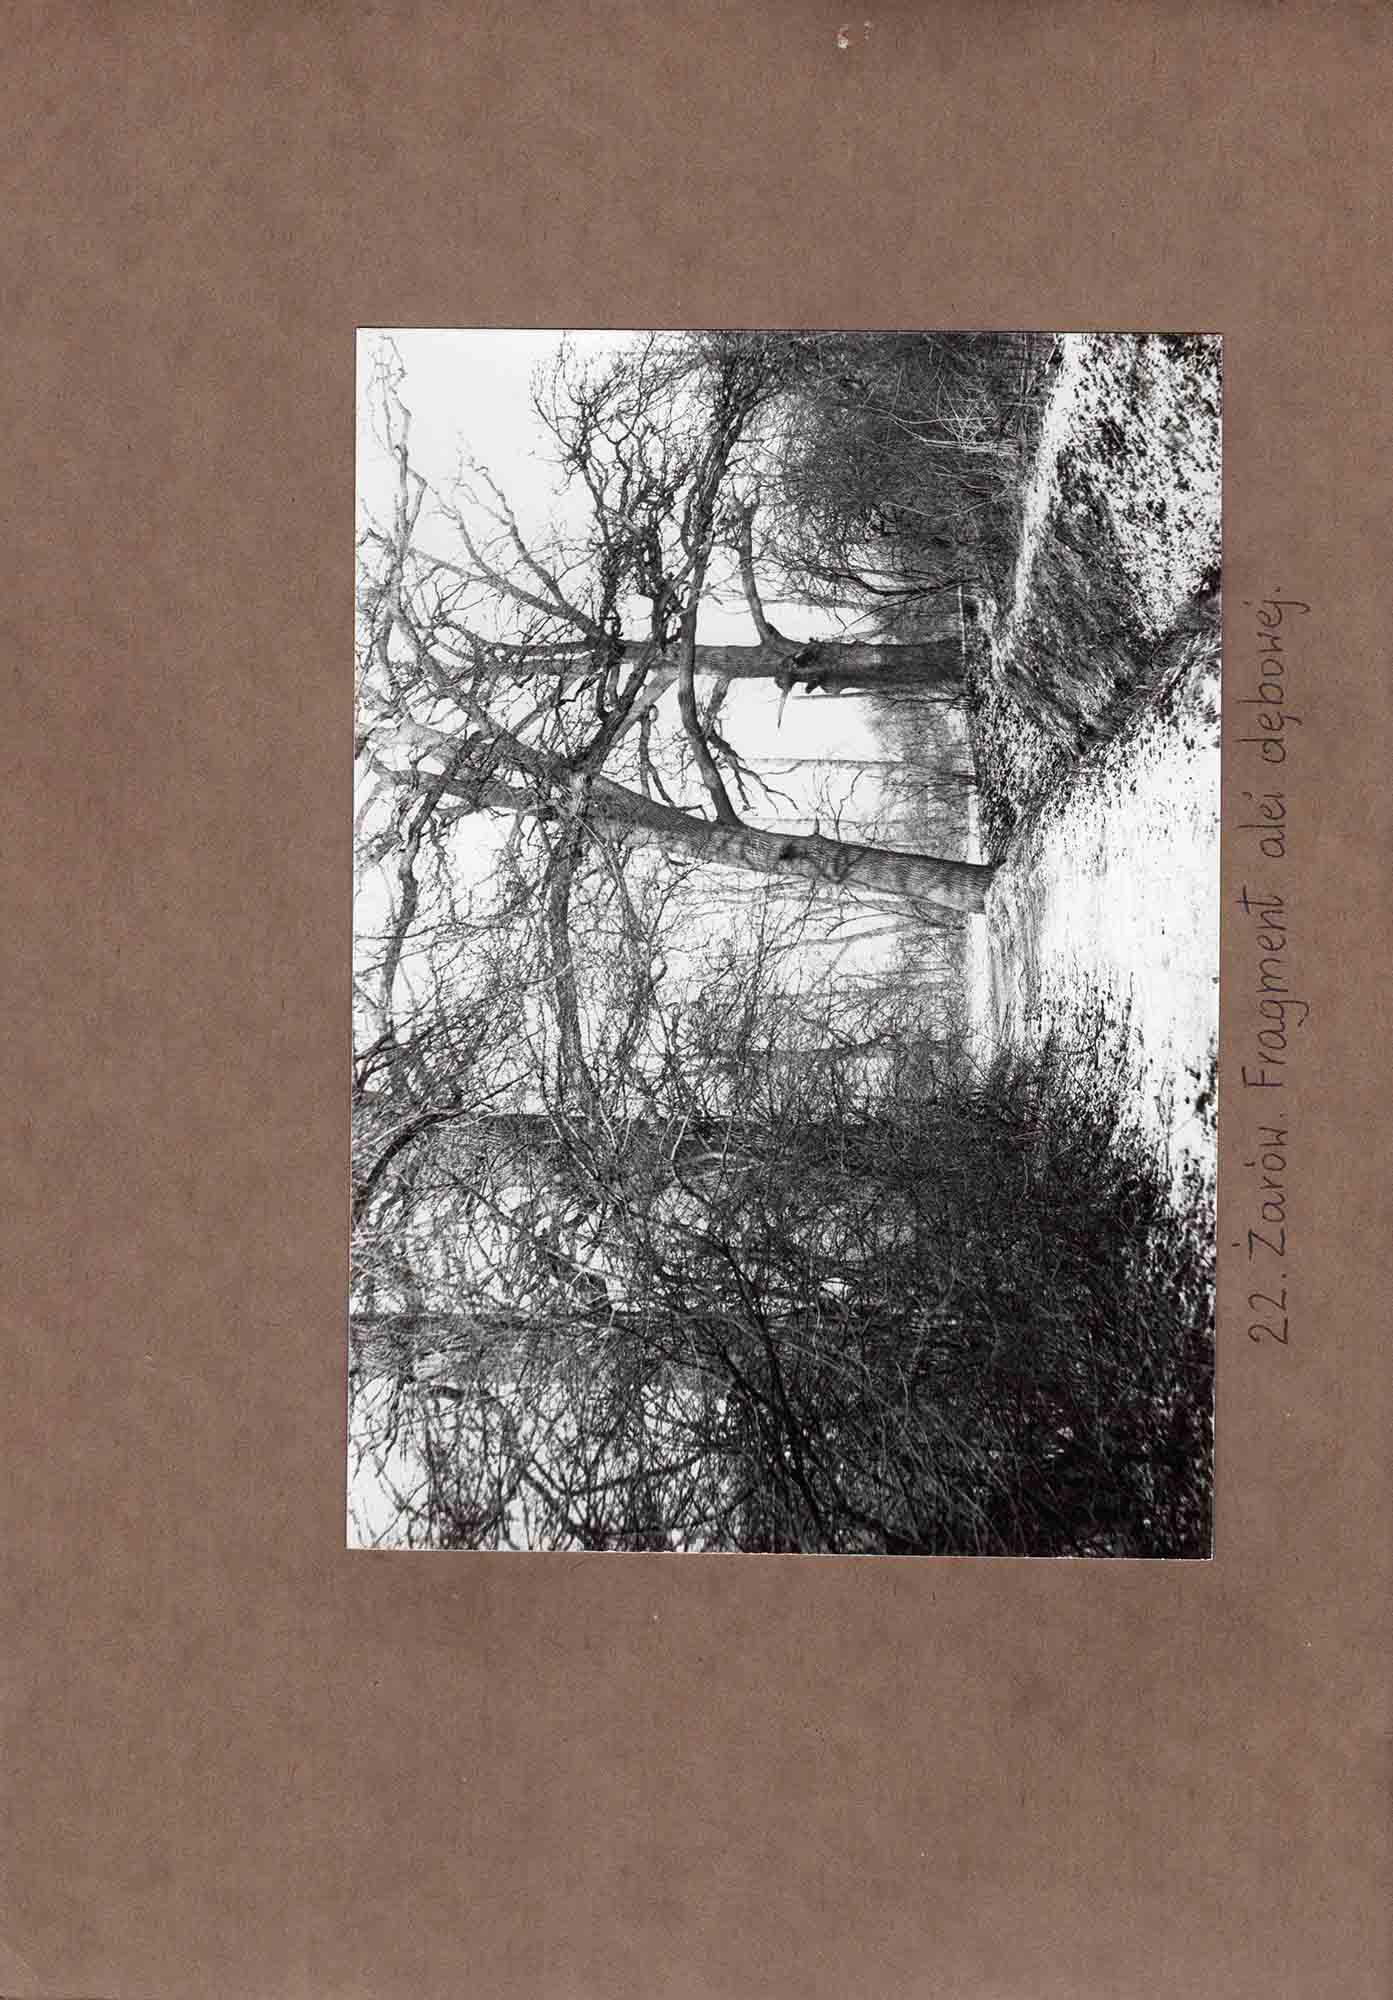 Ewidencja założenia ogrodowo-parkowego 1987 dokument (36)